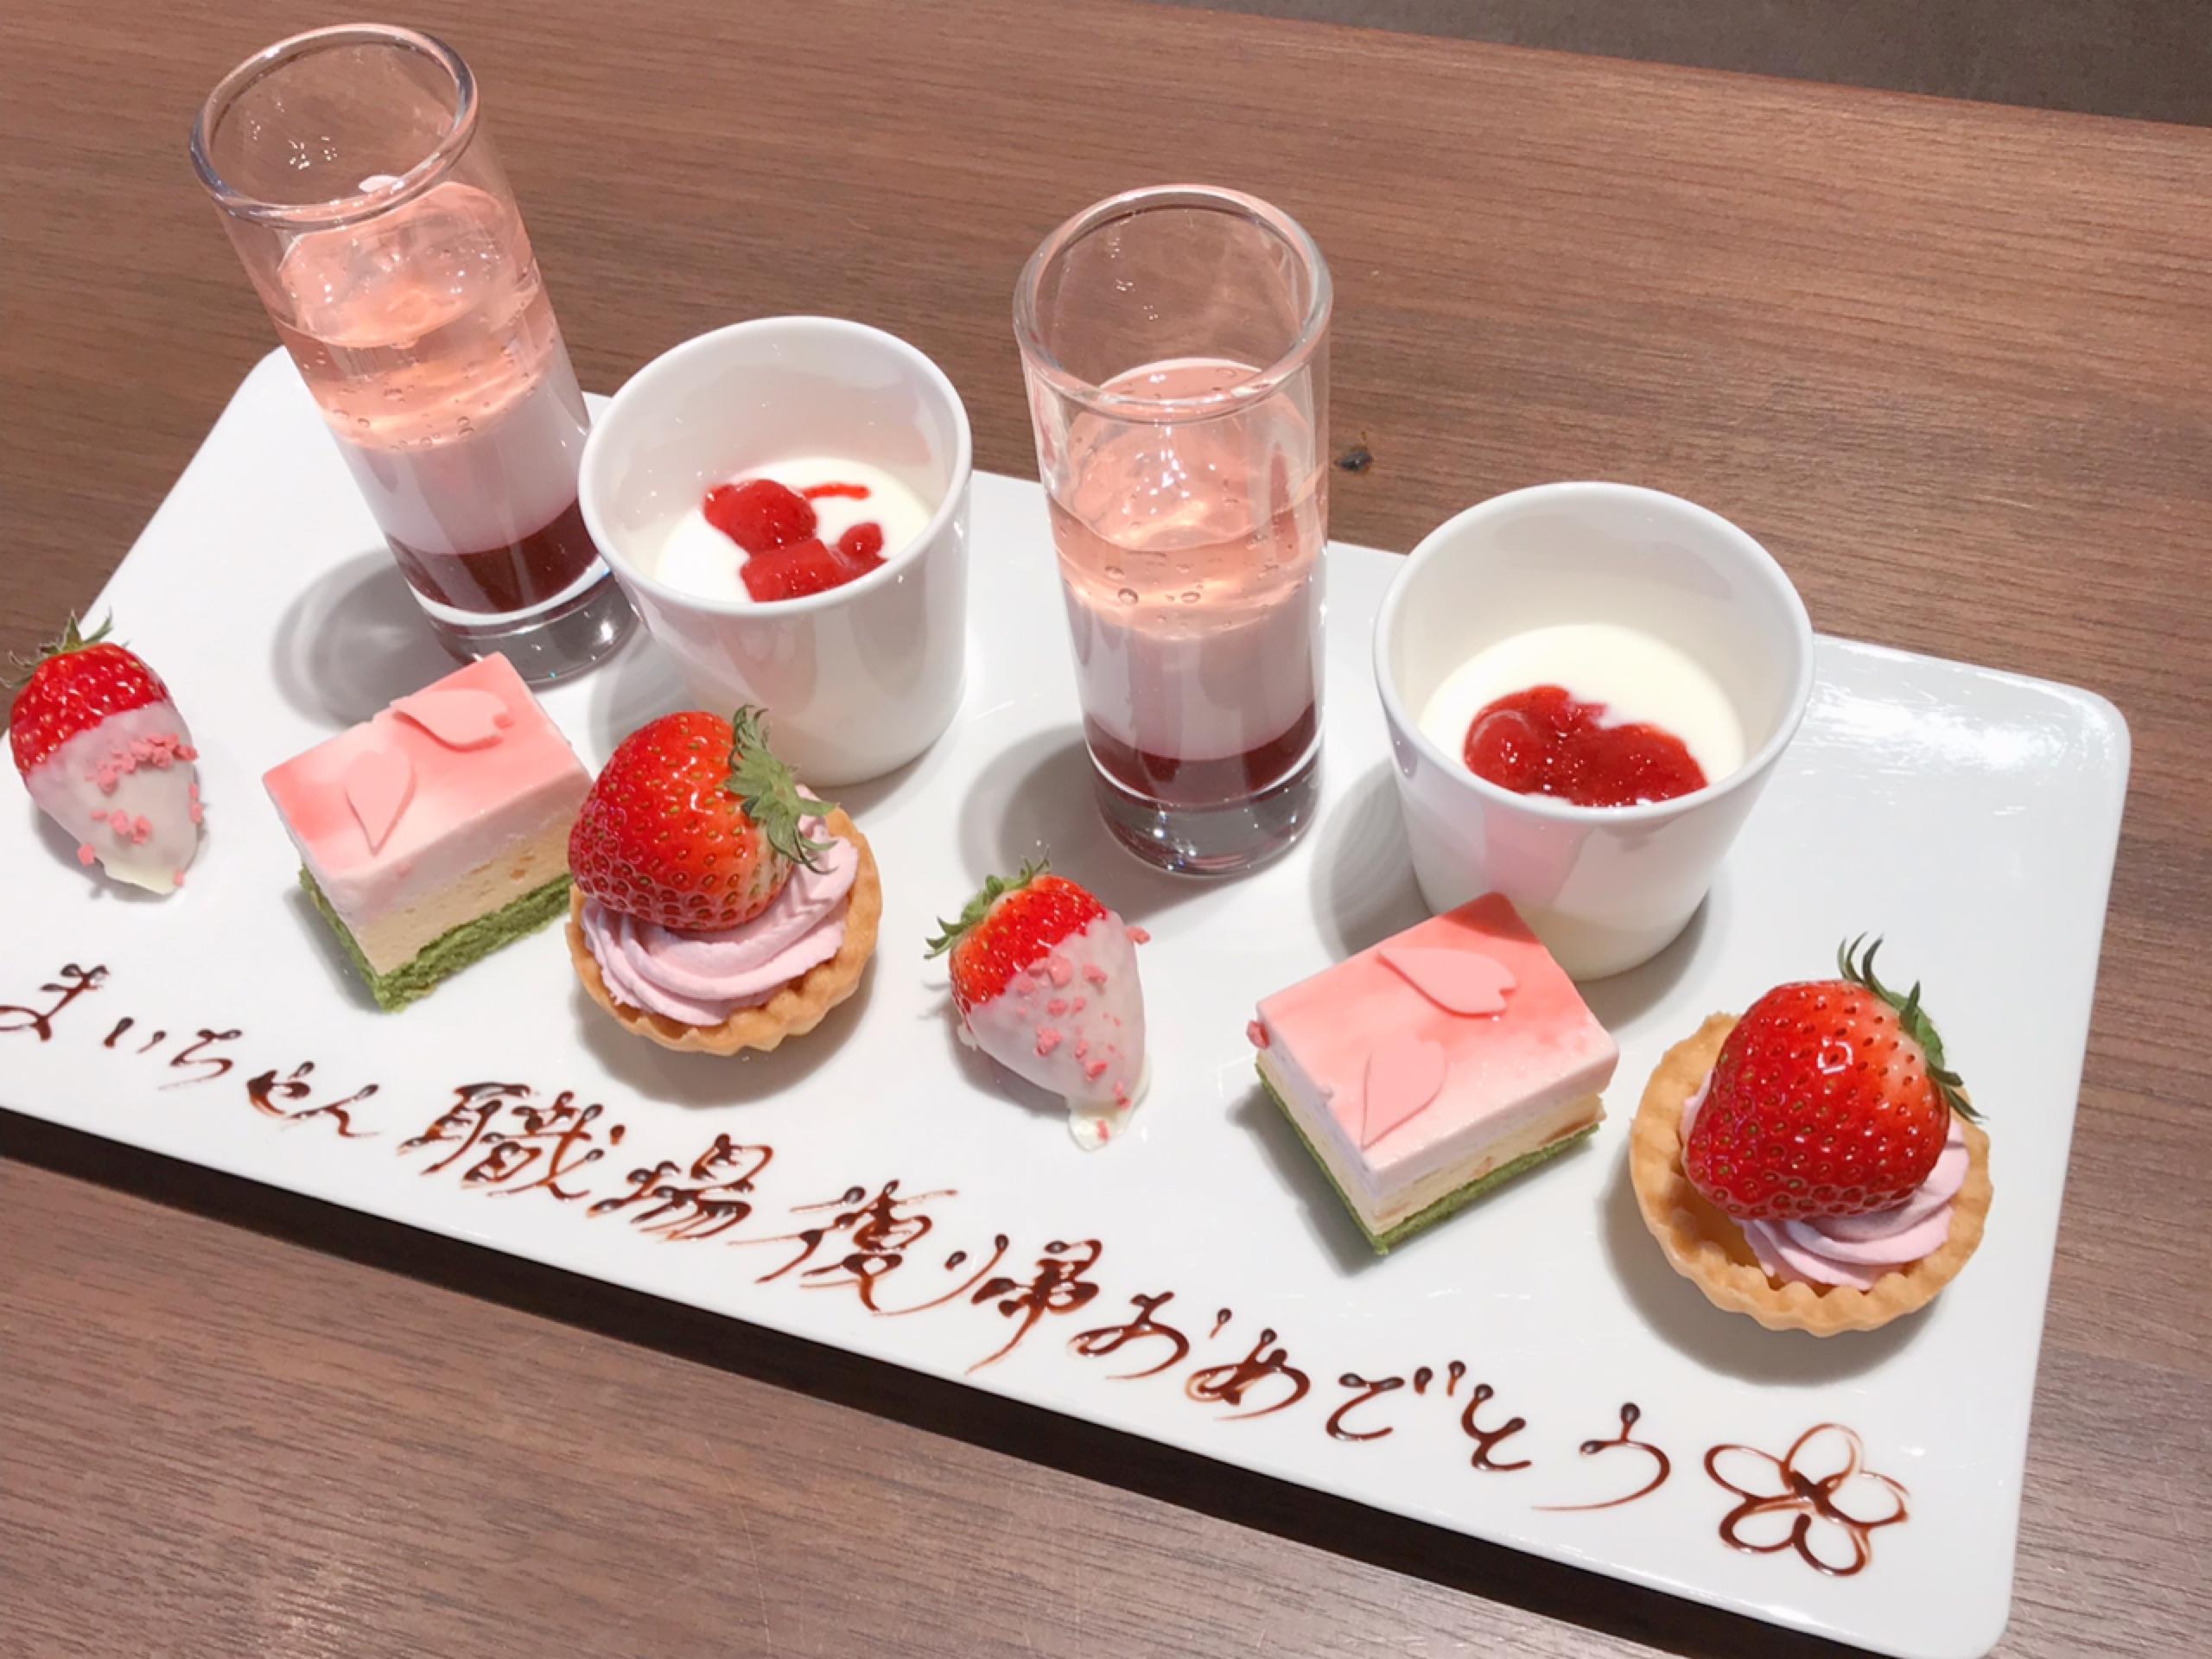 桜といちご両方♡ZelkovAのデザート5種盛りランチ